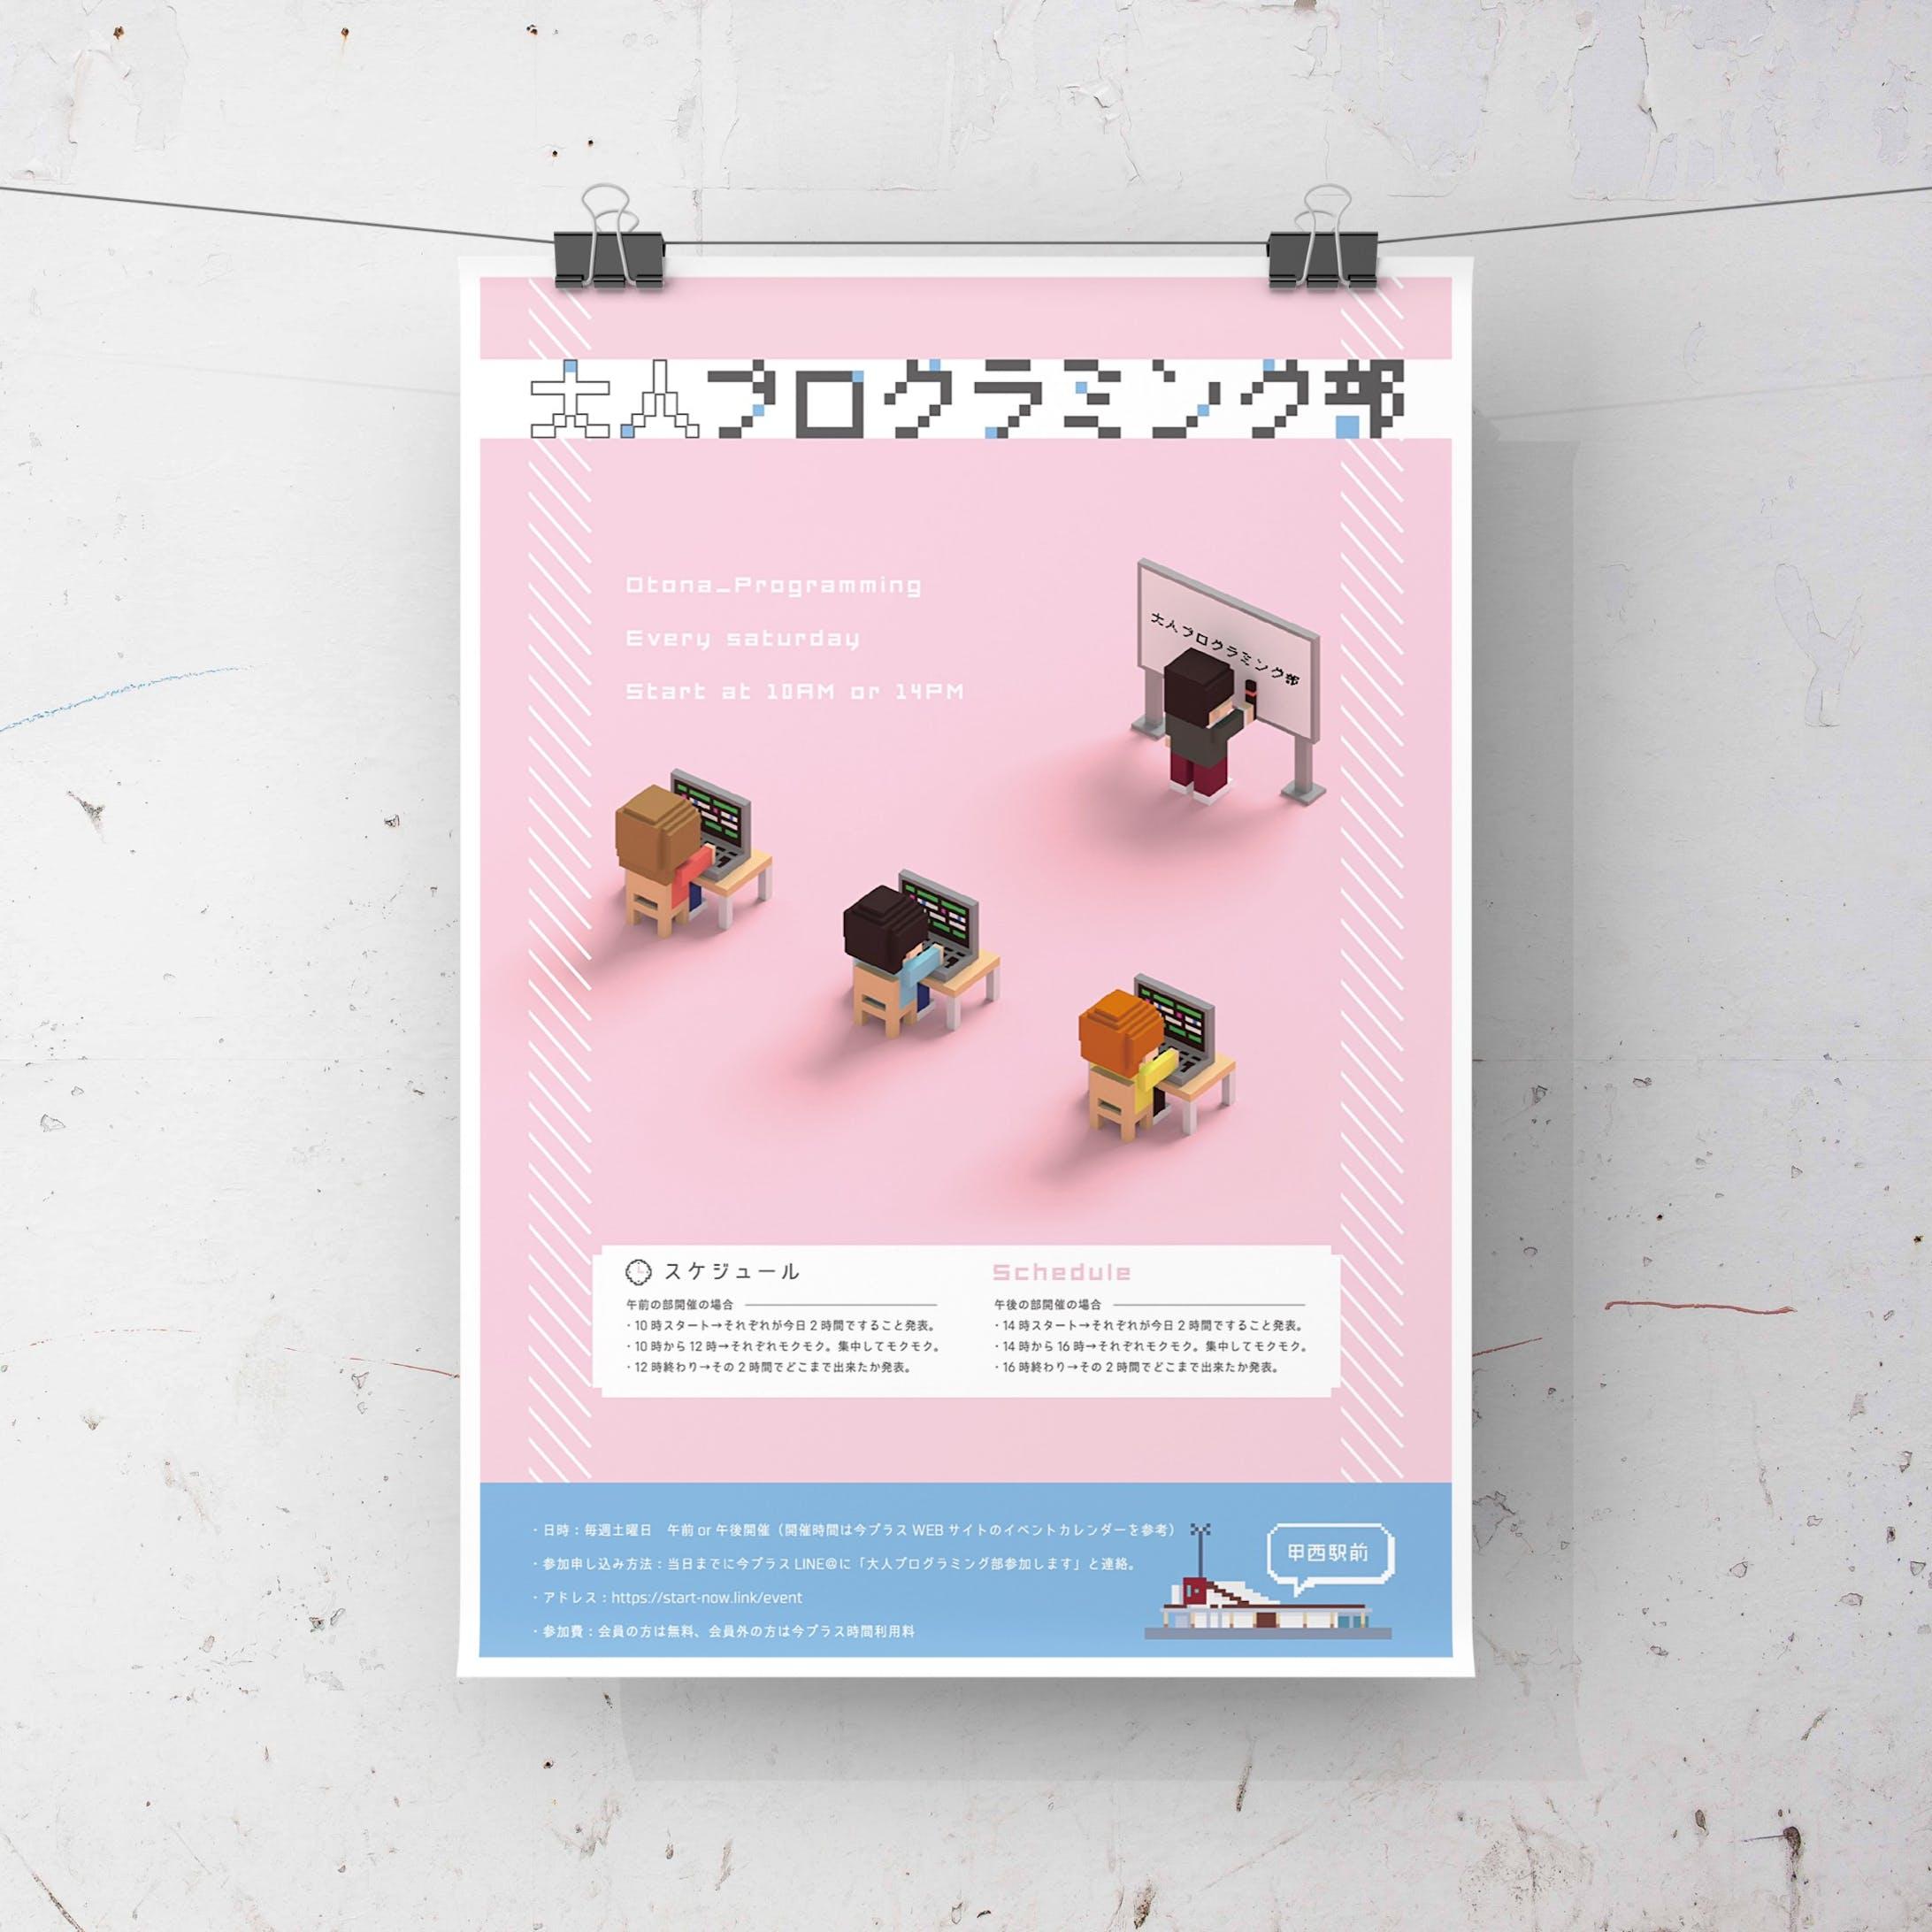 大人プログラミング部ポスター-1